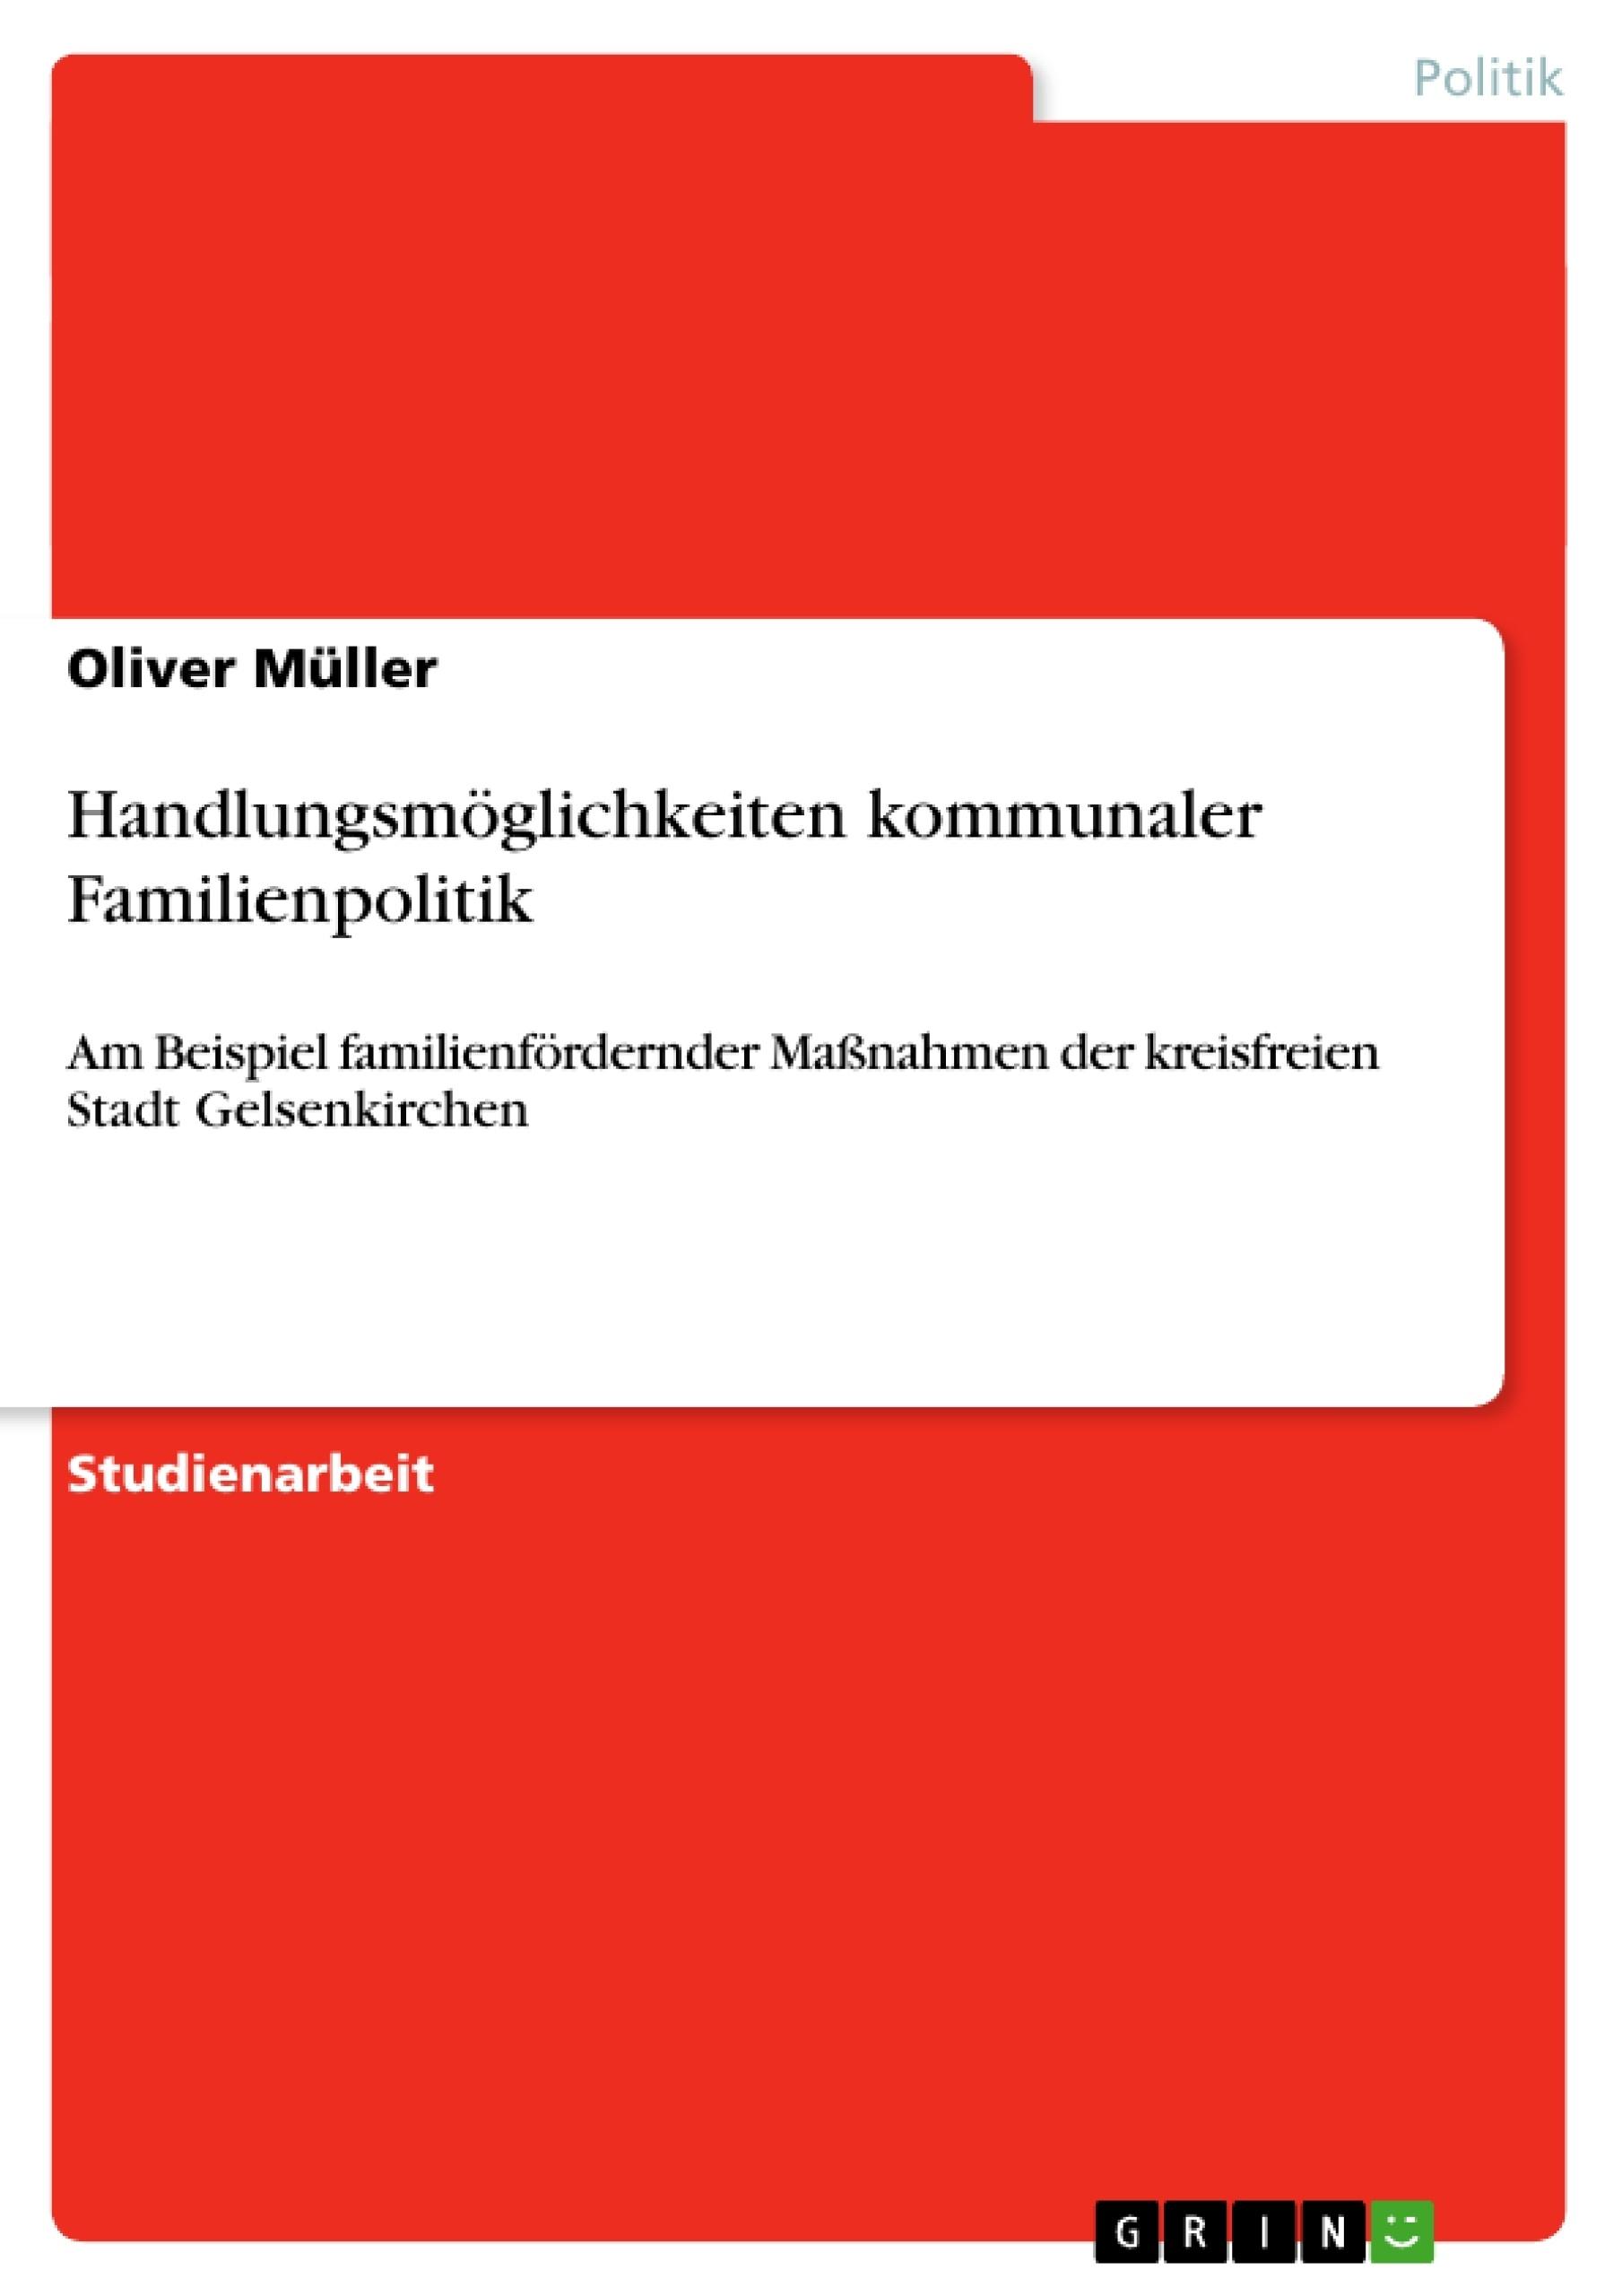 Titel: Handlungsmöglichkeiten kommunaler Familienpolitik